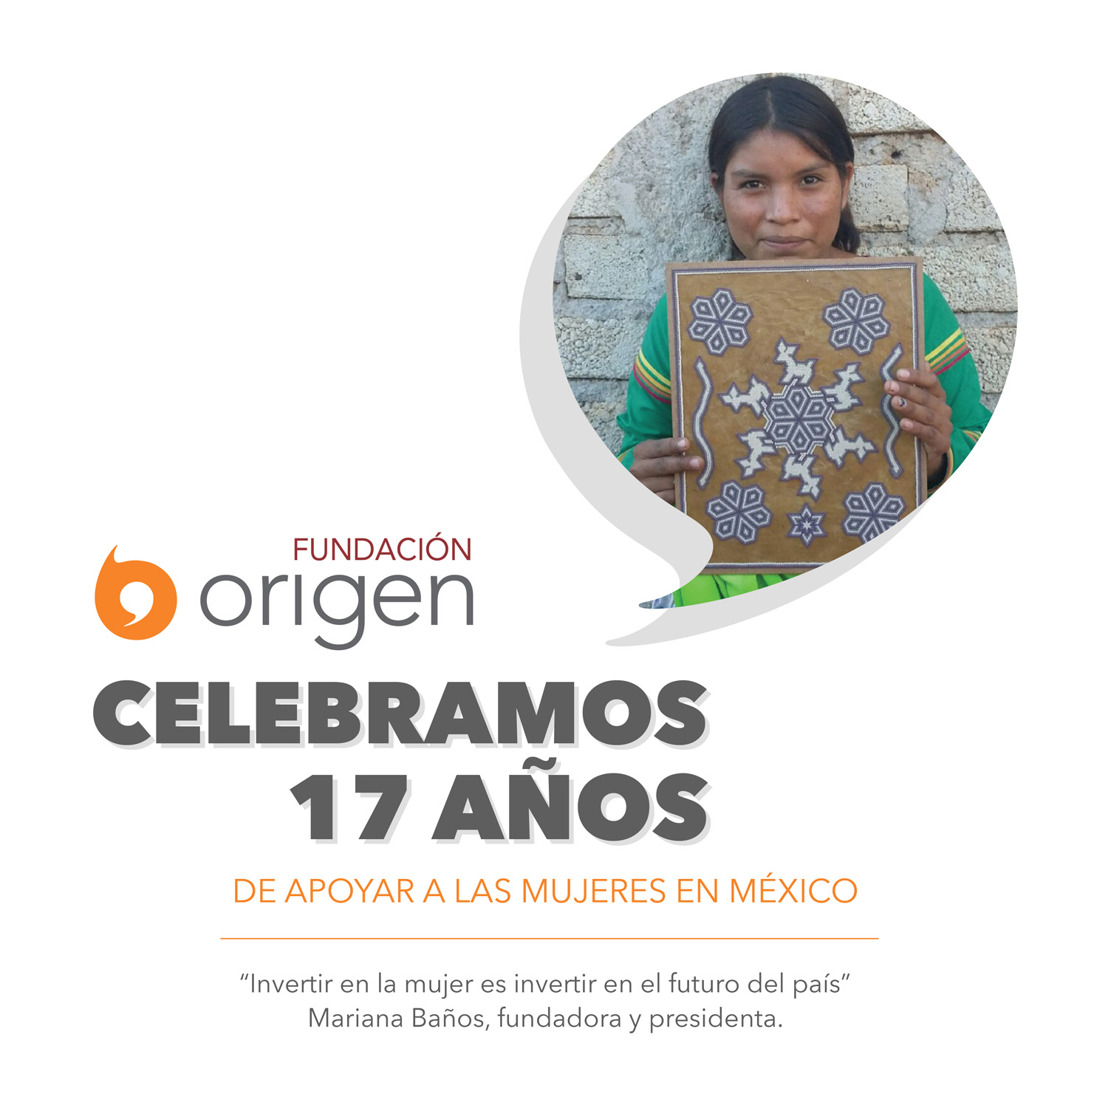 Fundación Origen celebra sus 17 años